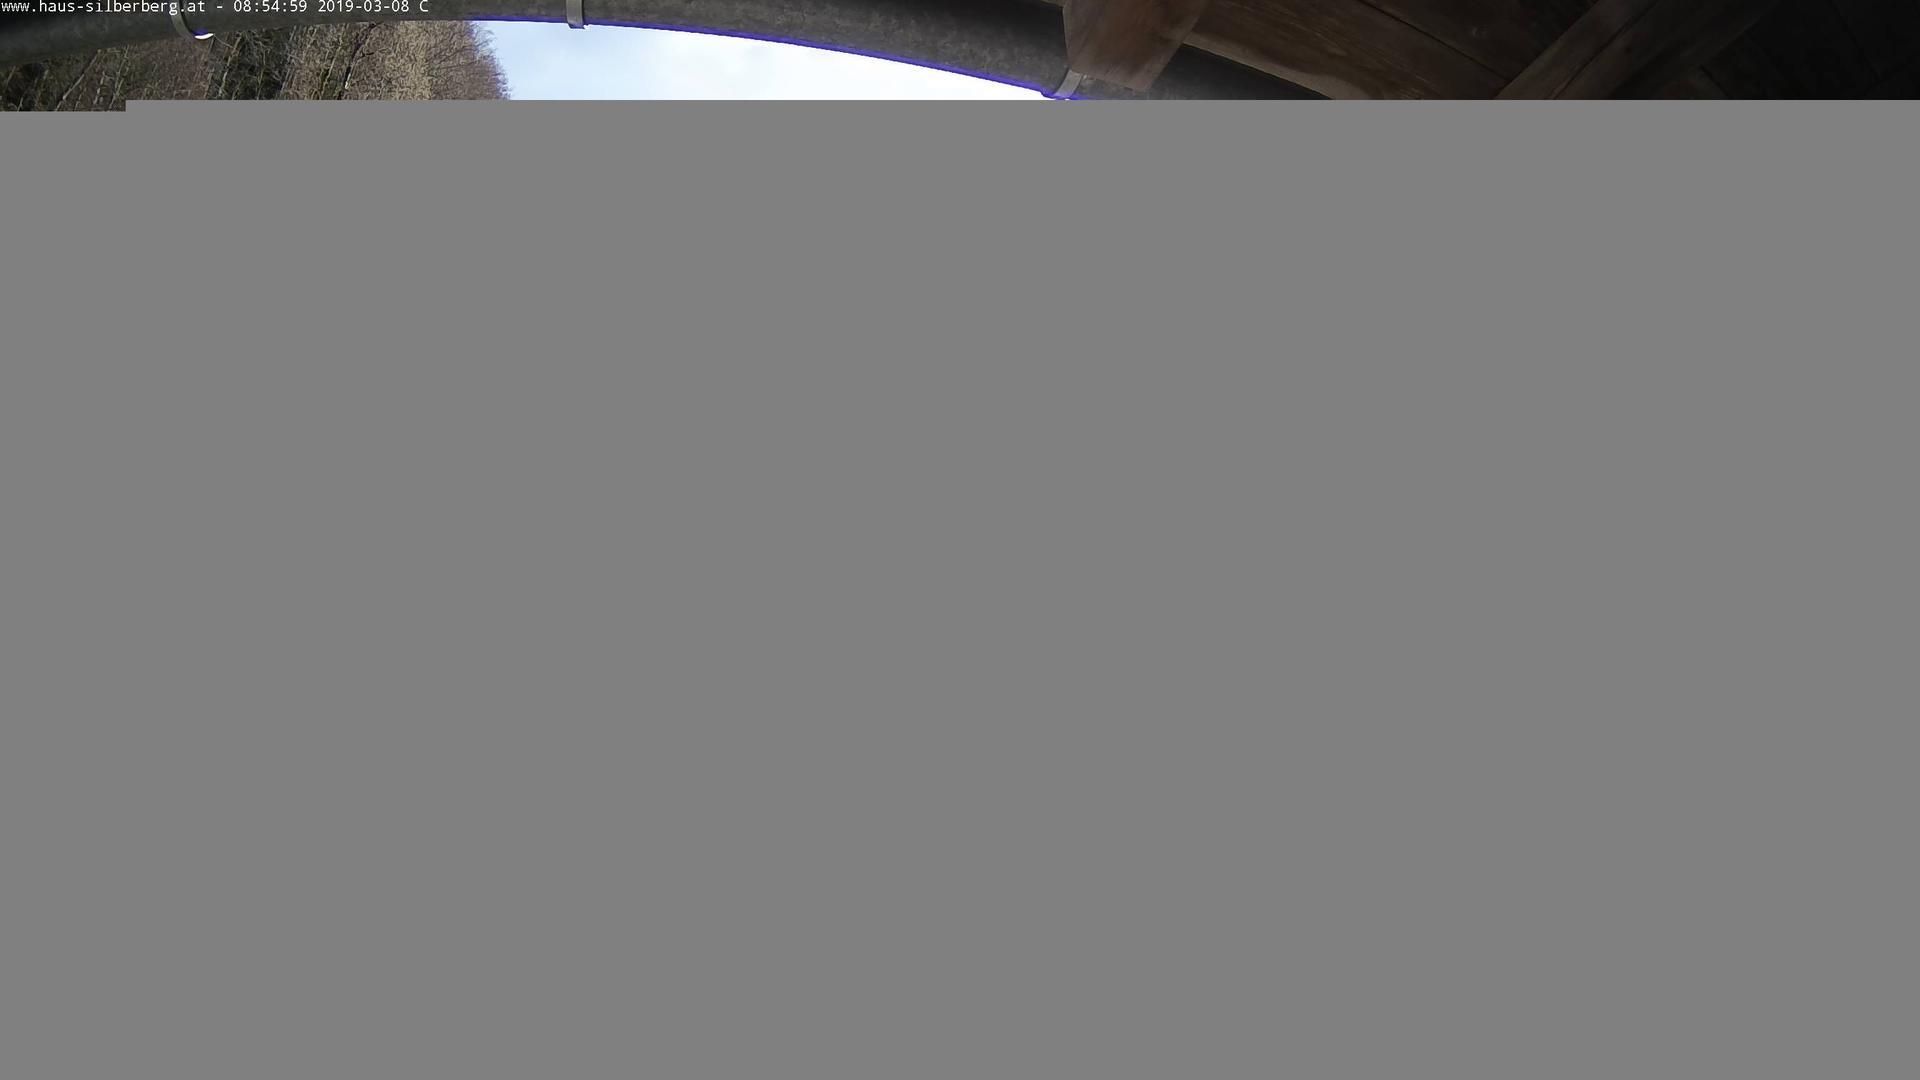 Webcam Innerberg: Haus Silberberg mit Muttjöchle und Lobs